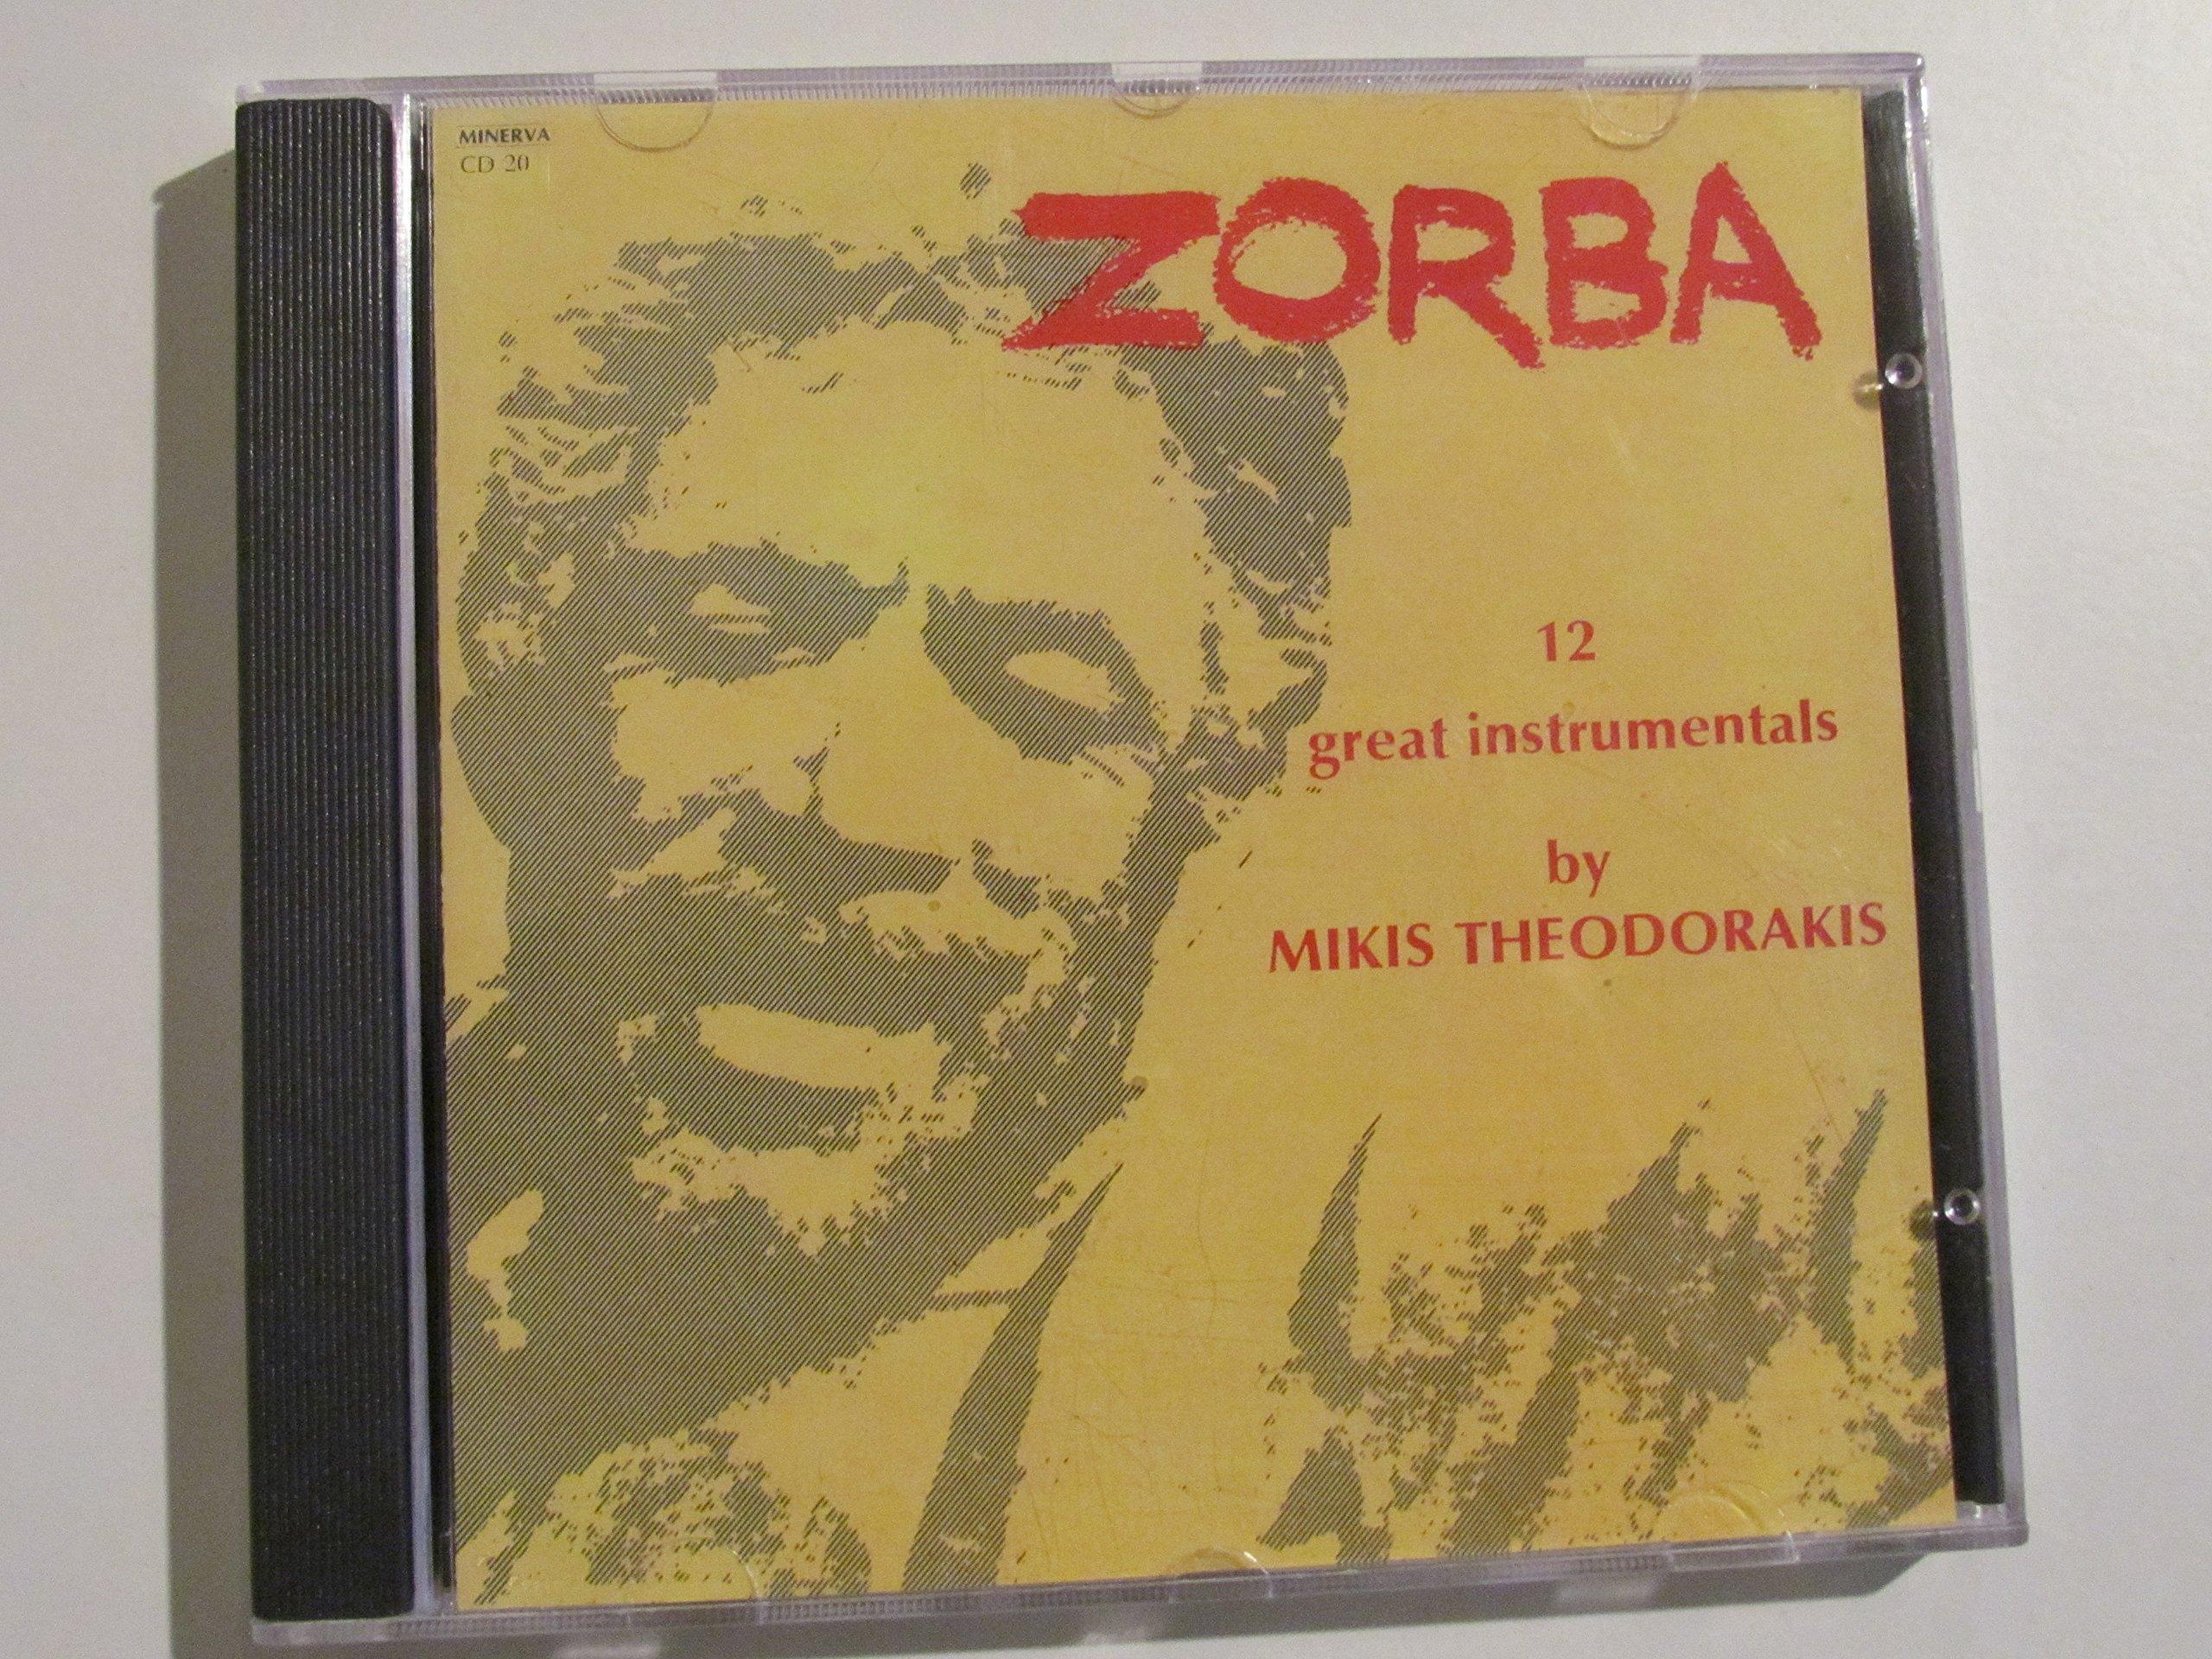 Zorba 12 Great Instrumentals By Mikis Theodorakis 1989 Cd Audio CD 1900